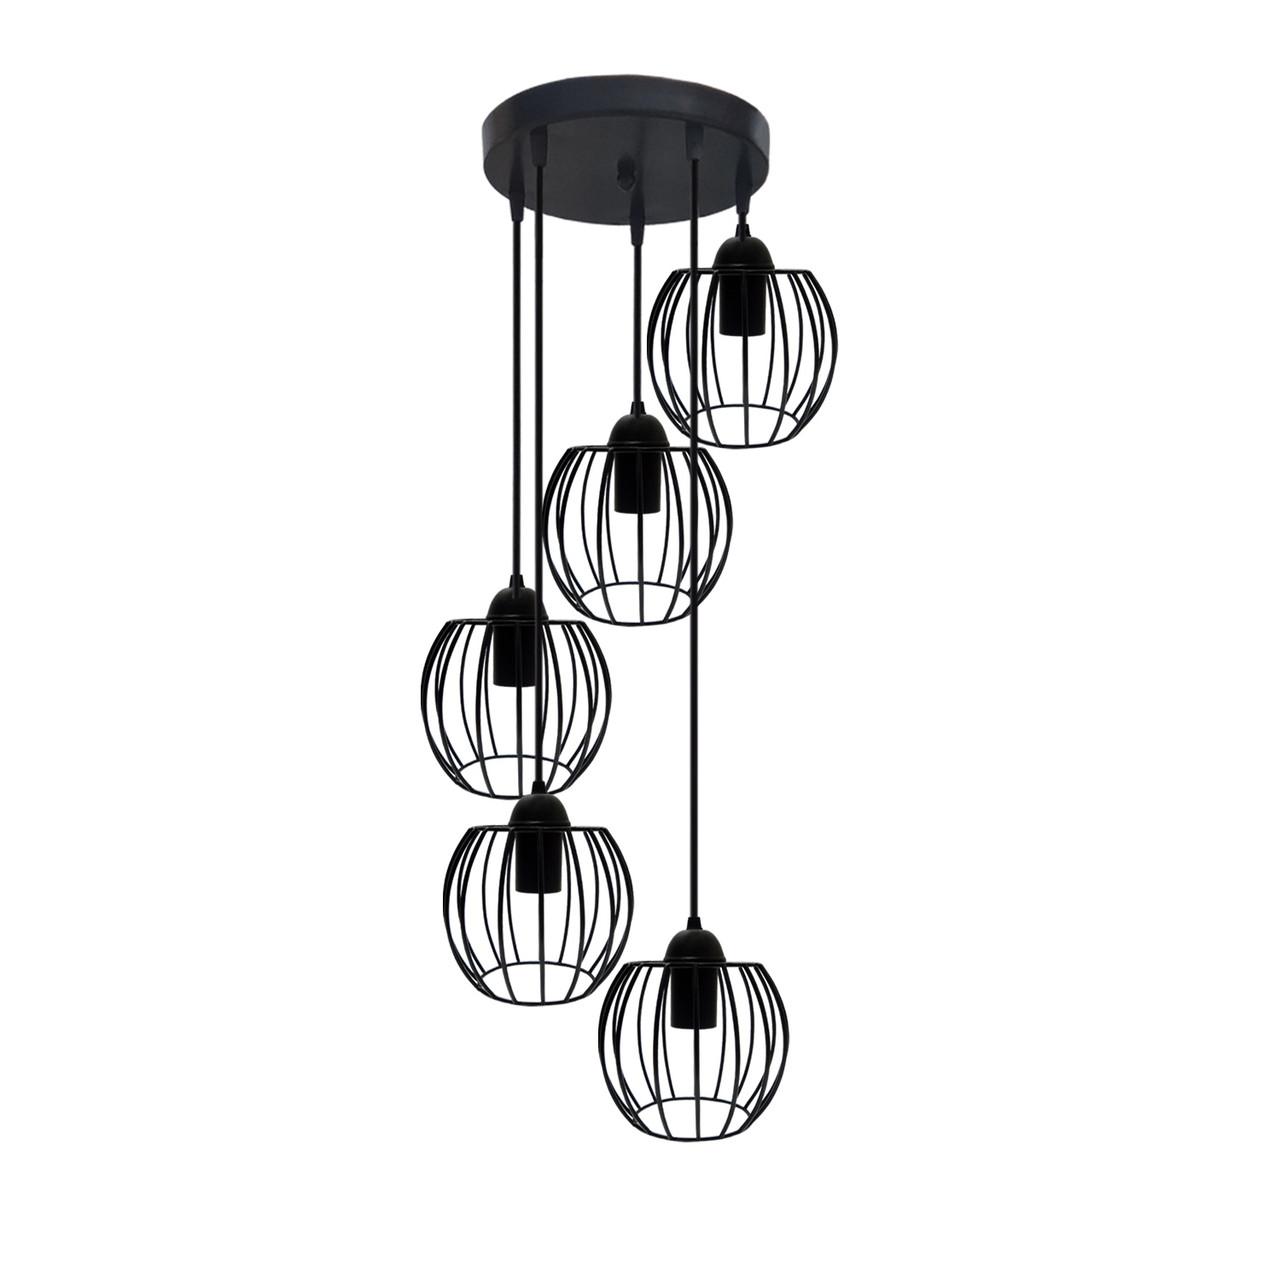 """Подвесной металлический светильник, современный стиль """"BARREL-5GB"""" Е27  черный цвет"""